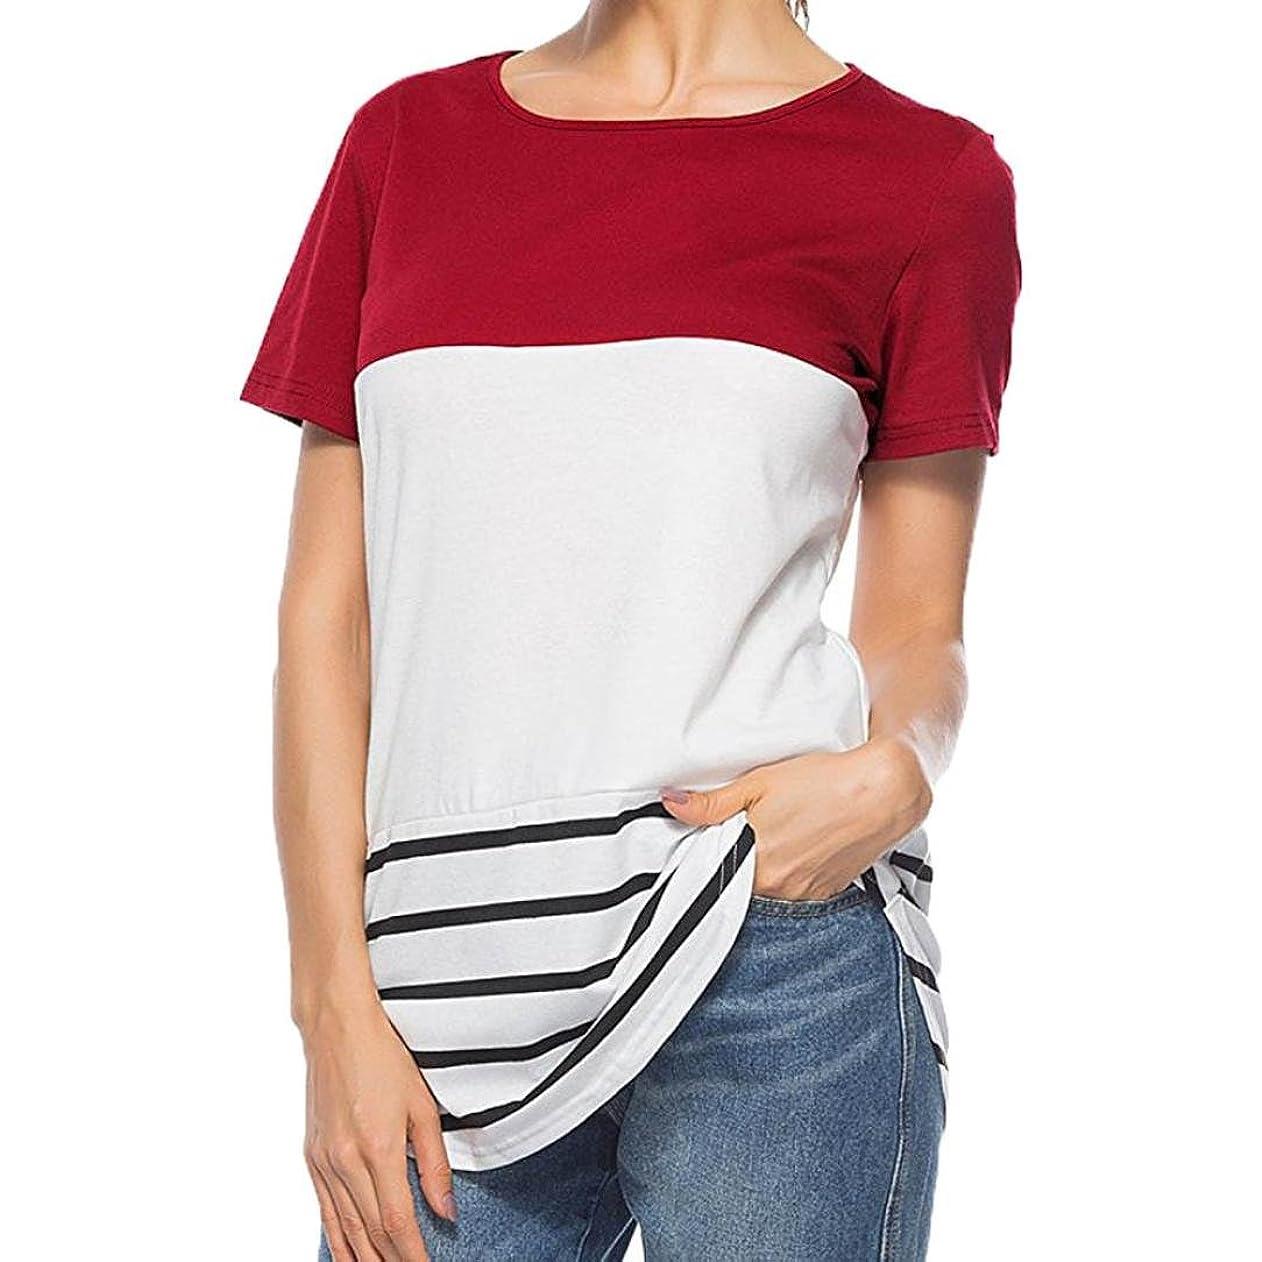 目立つ知り合いになる衝動SakuraBest 女性の夏のストライプカラーブロックカジュアルTシャツ半袖トップス